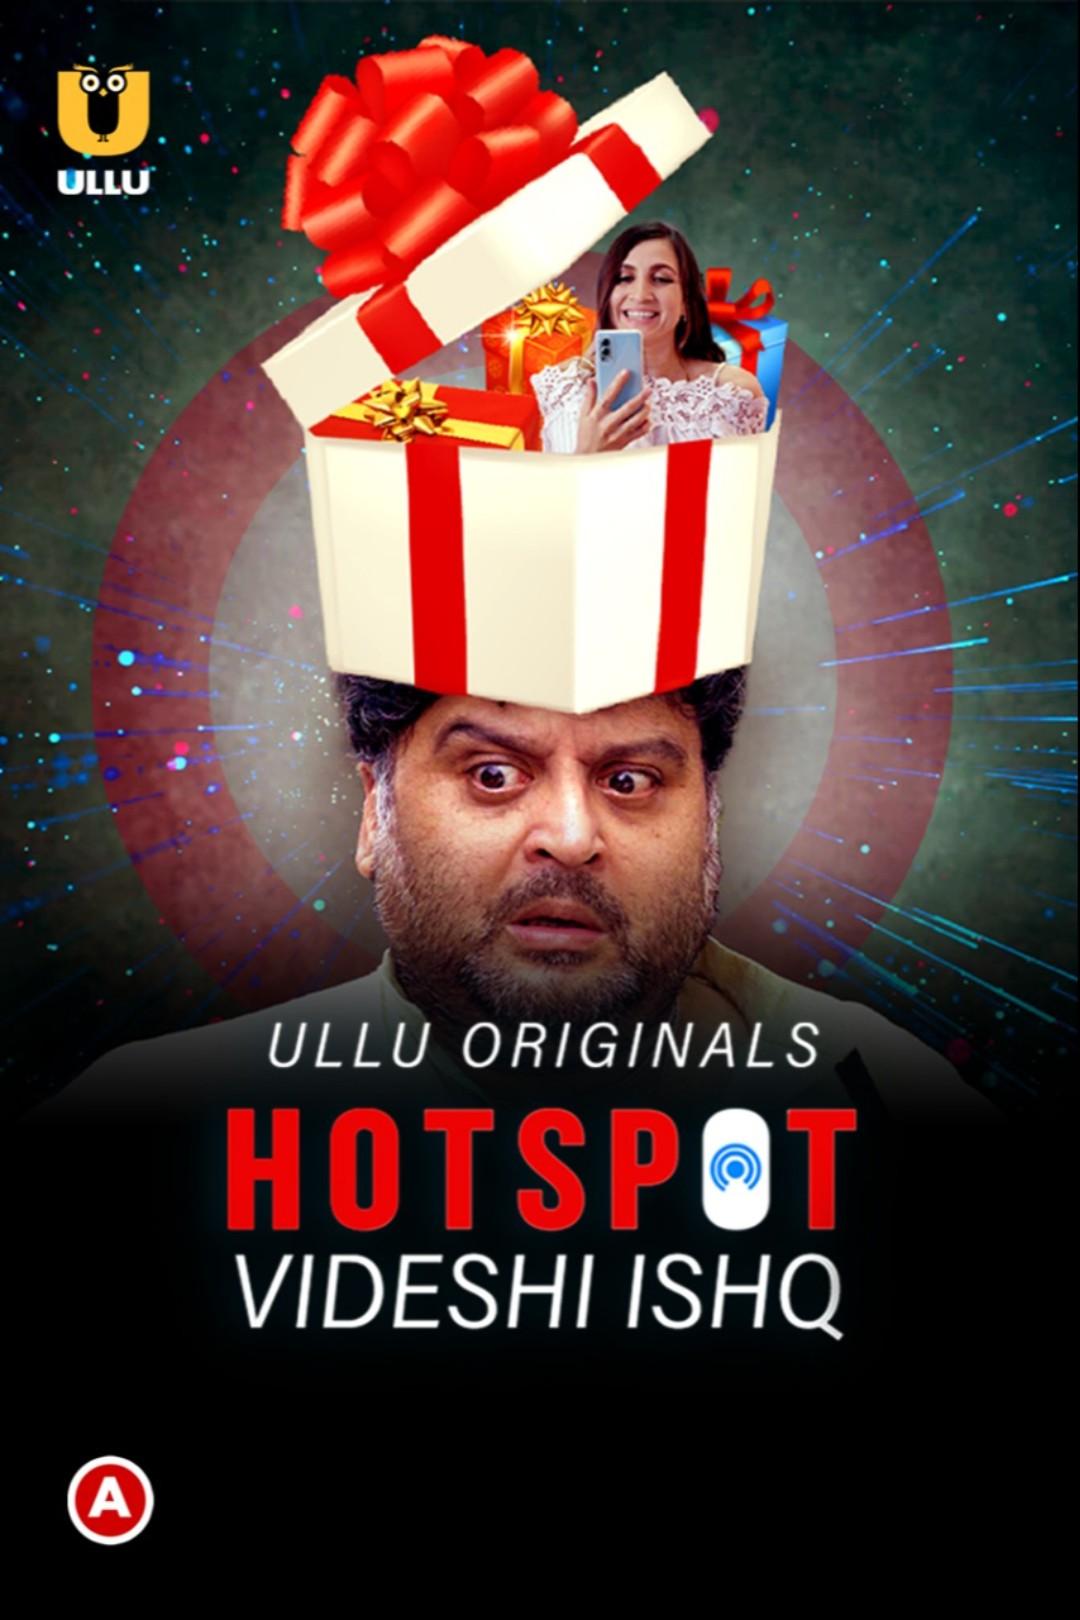 Hotspot: Videshi Ishq S01 Ullu Original 720p | 480p AAC